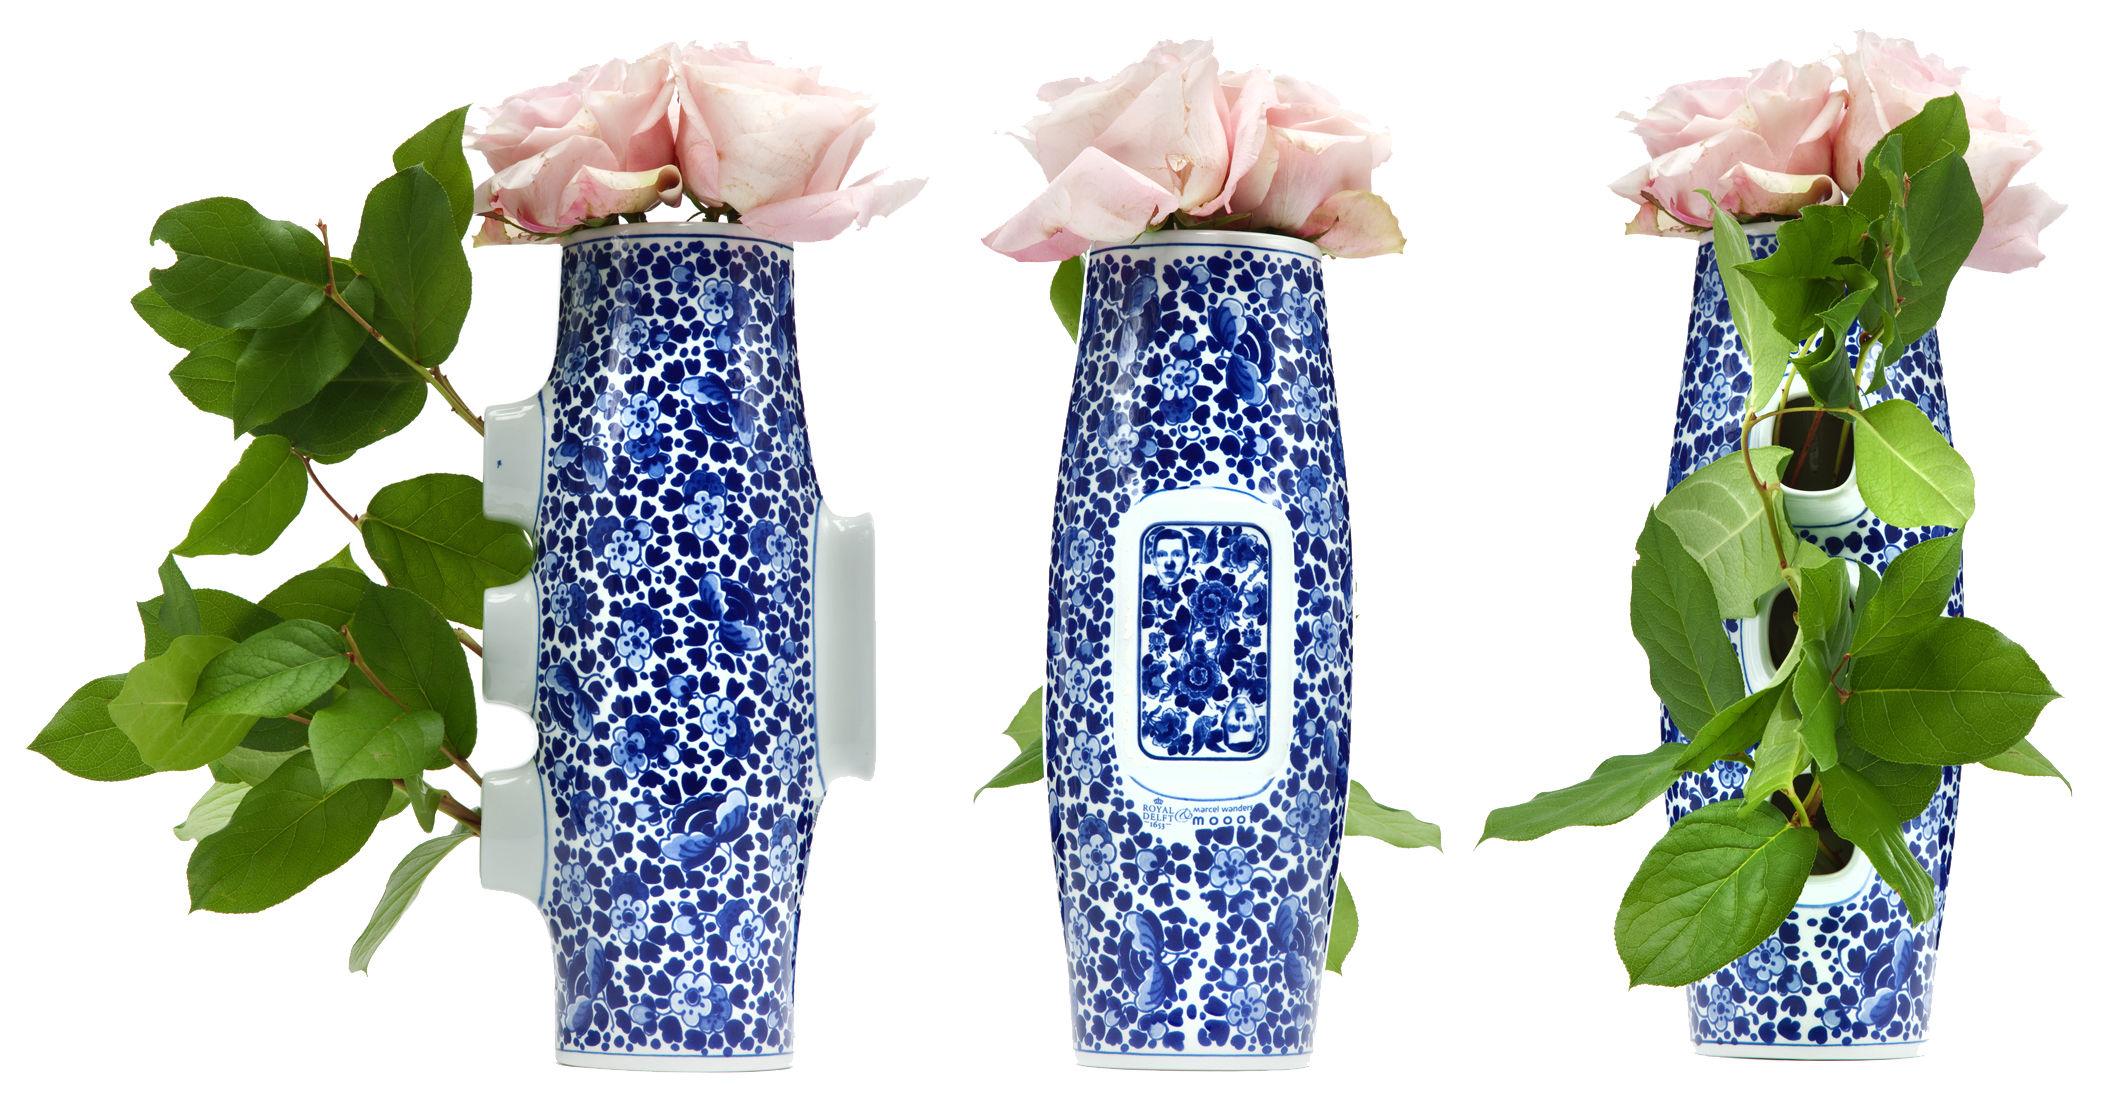 Dekoration - Vasen - Delft Blue 4 Vase - Moooi - Weiß & blau - Porzellan